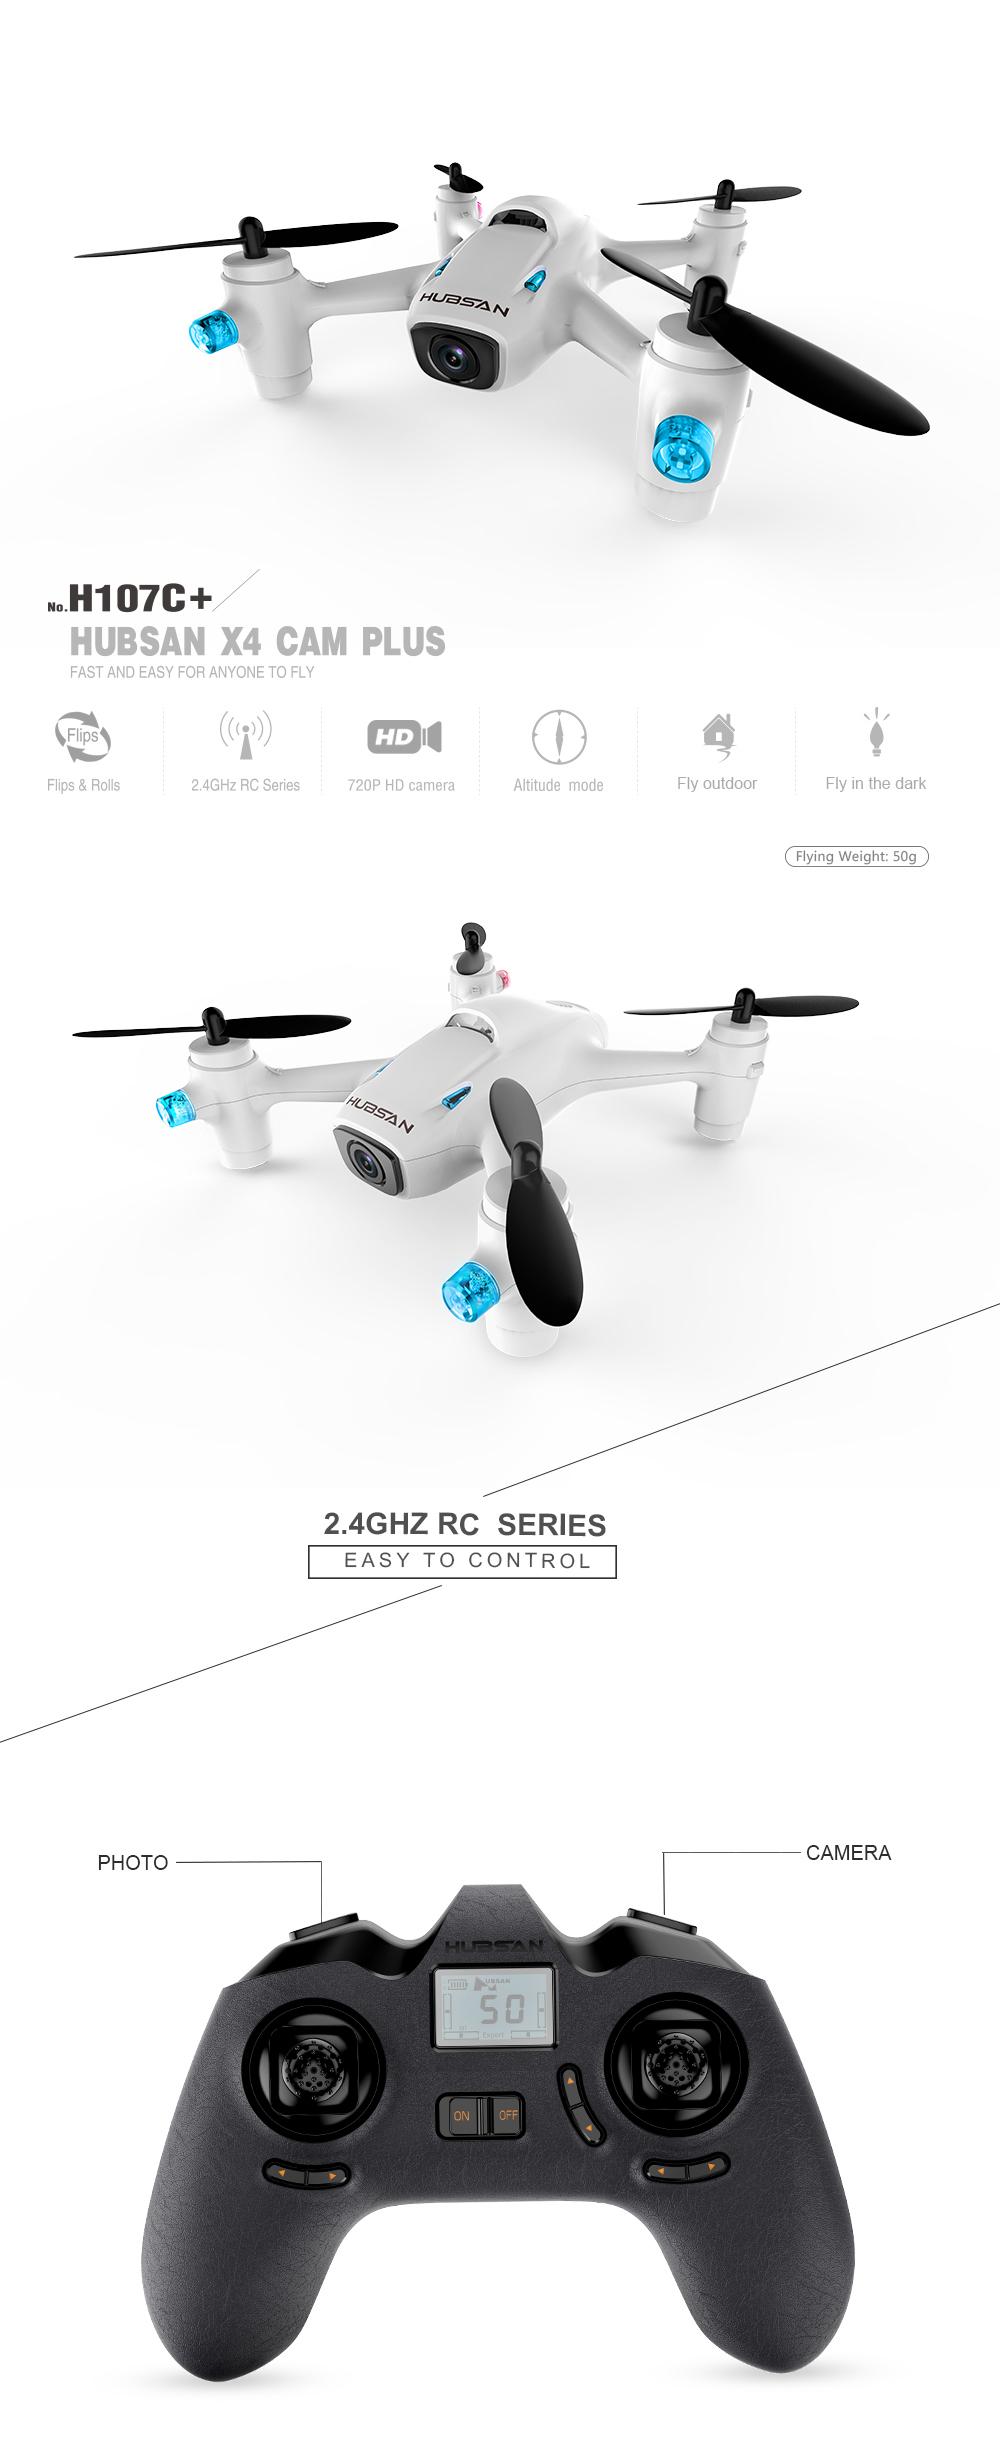 HUBSON H107C DRONE X4 CAMP PLUS